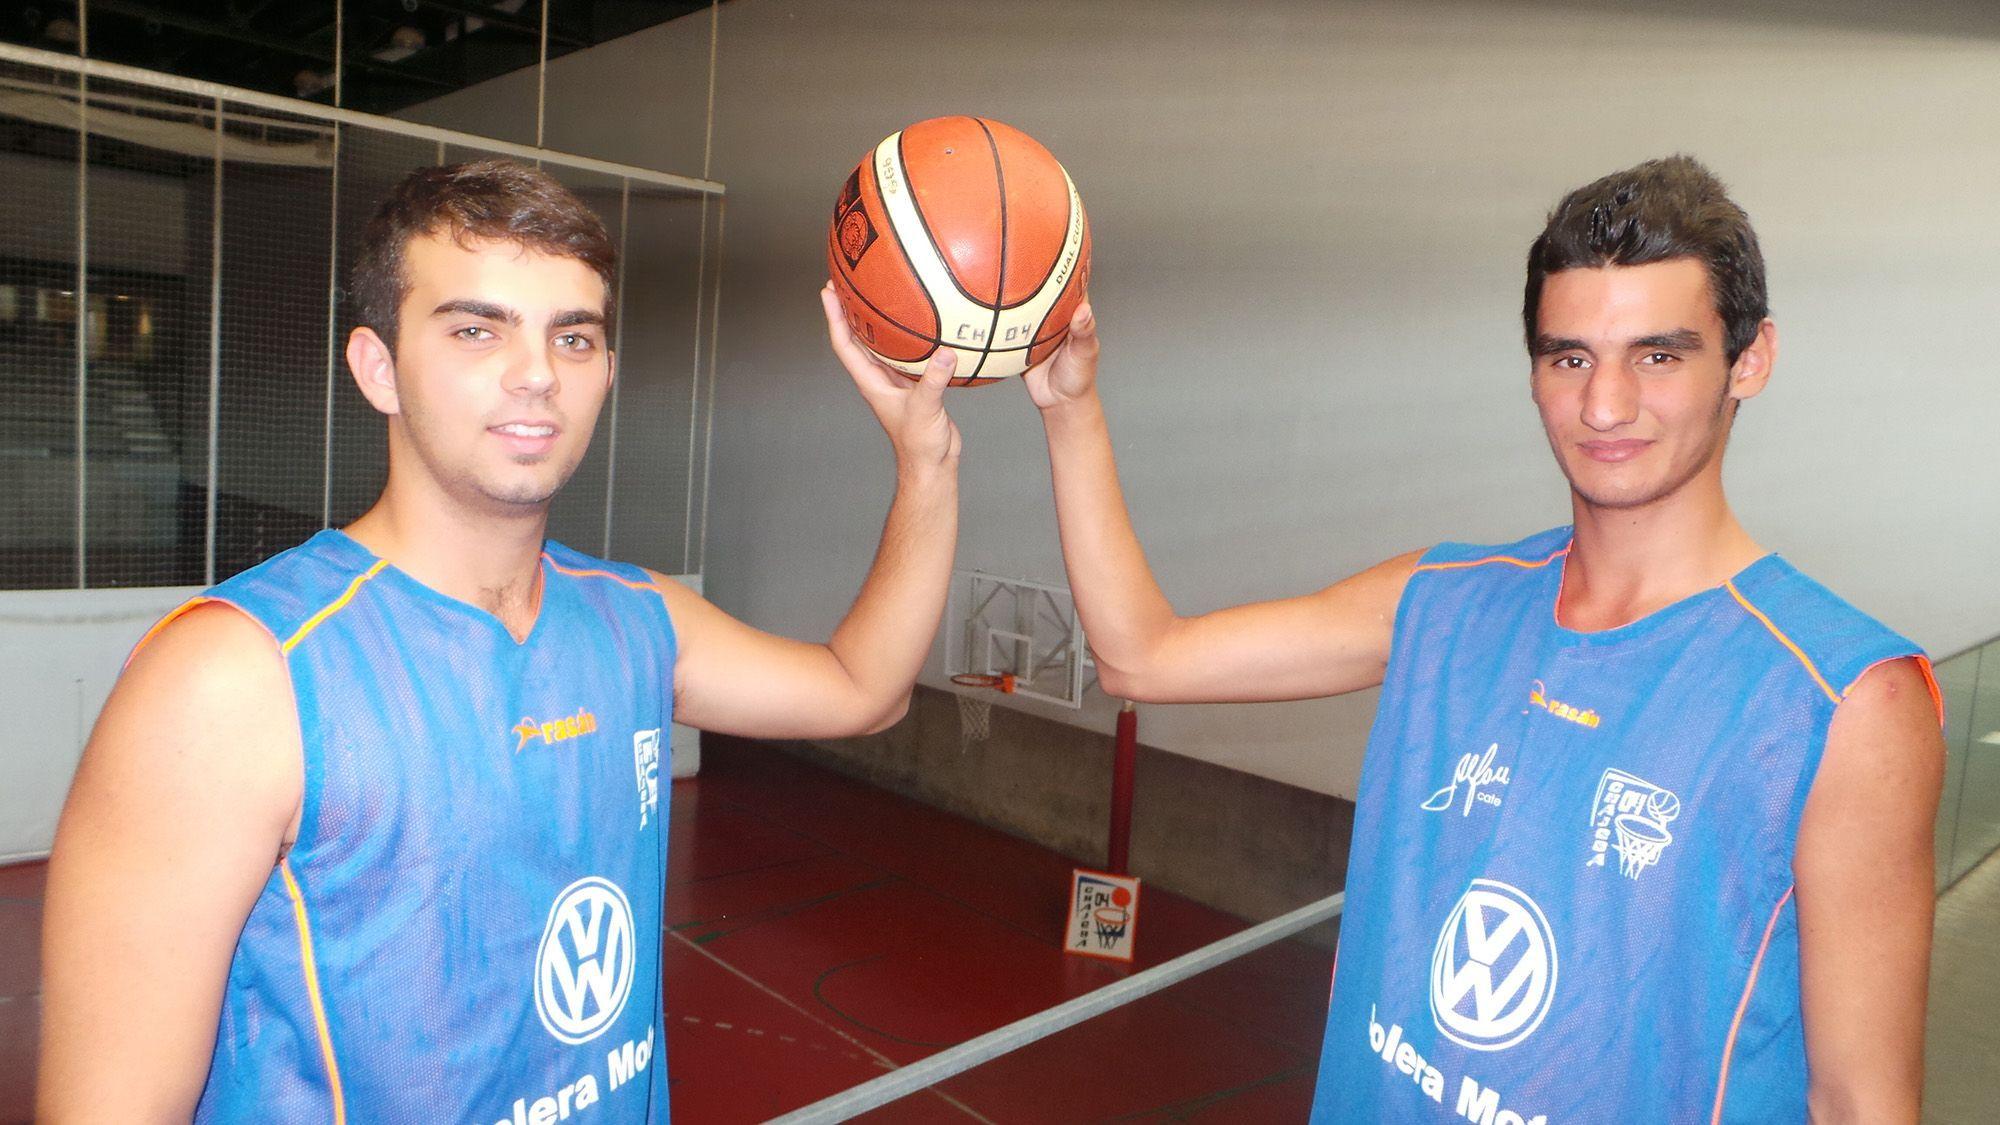 Miguel Enríquez y Jaime Diánez posando en el Palacio de Deportes de Chapín